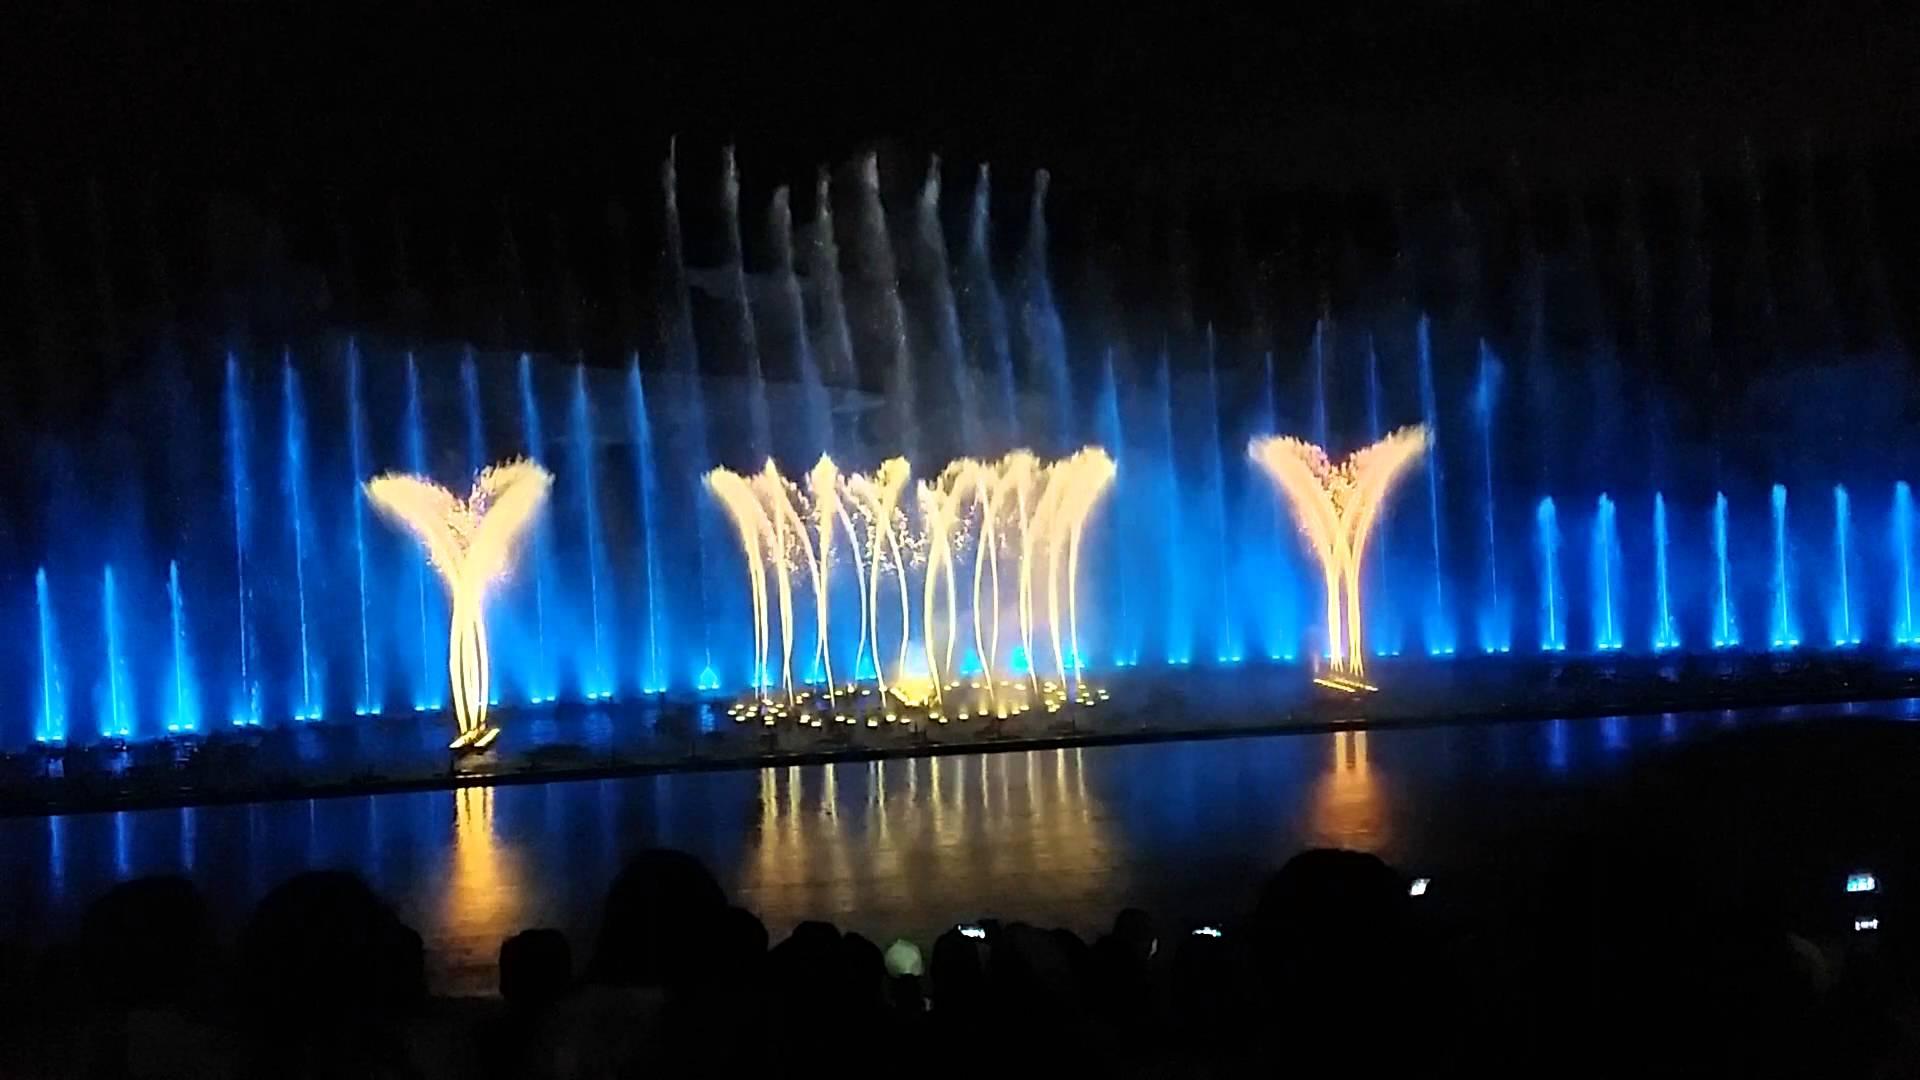 Chương trình biểu diễn nhạc nước ảo diệu ở Vinpearl Land Nha Trang